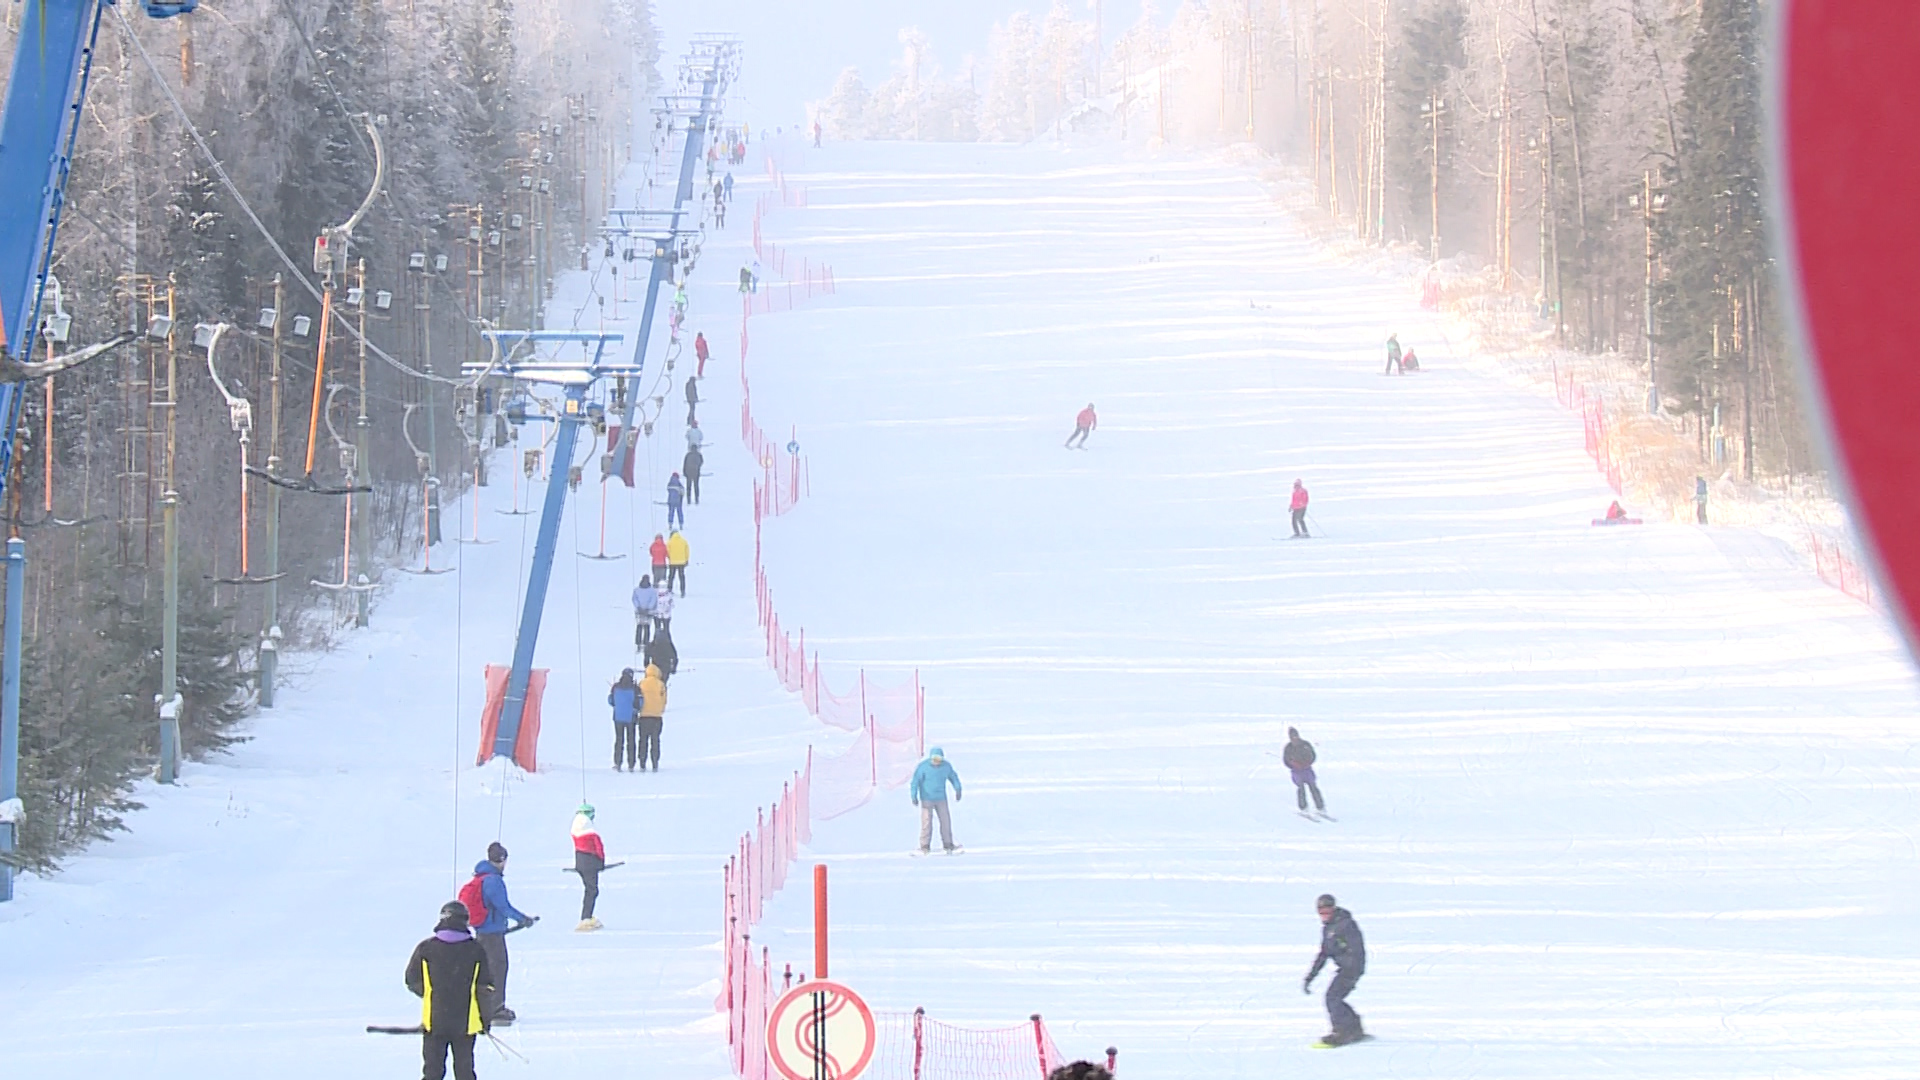 Встаем на горные лыжи!